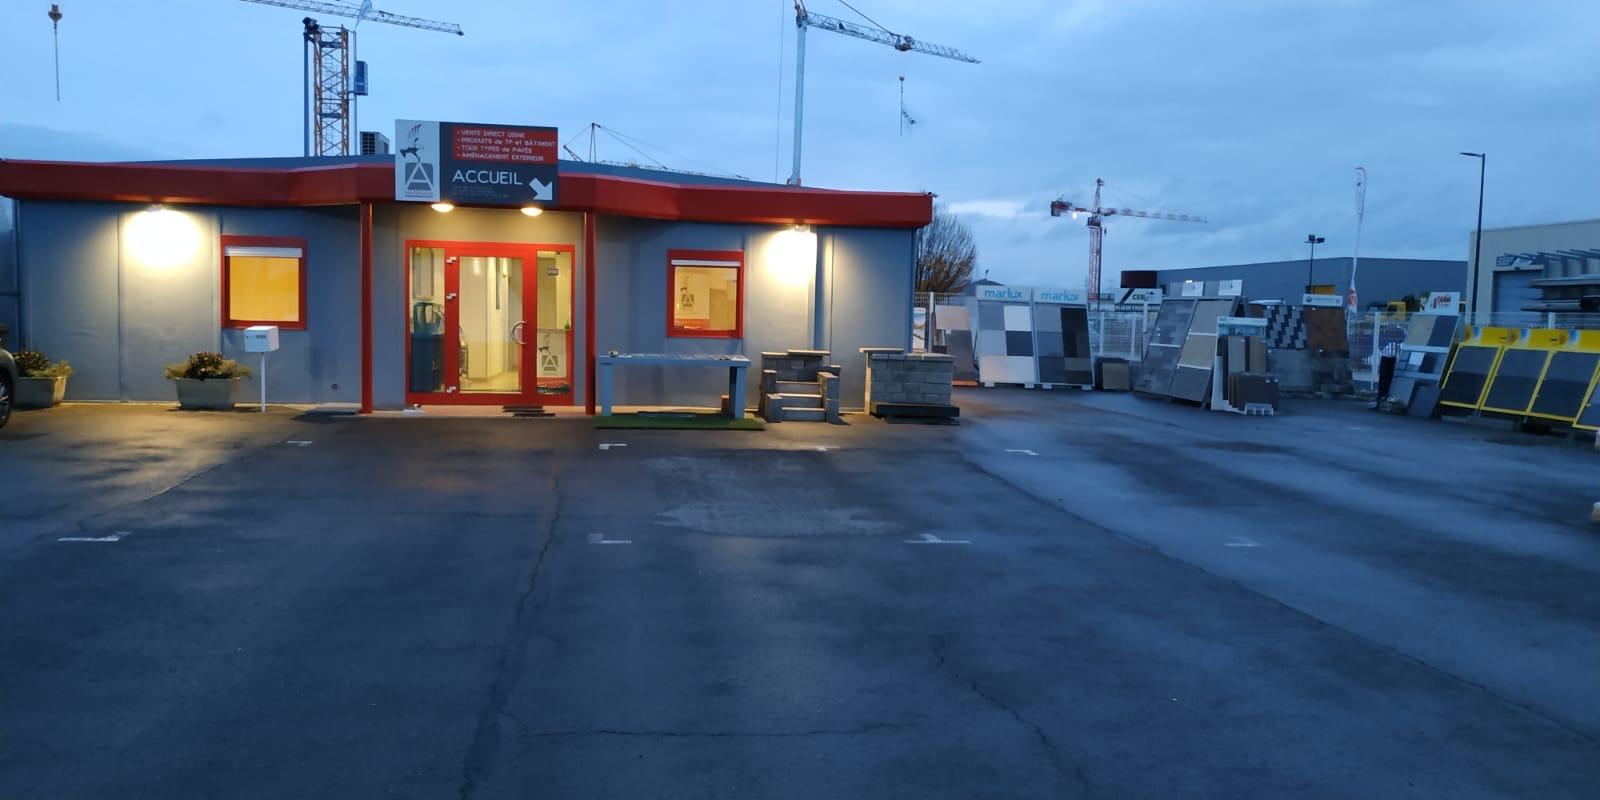 Entreprise Amenagement Exterieur Moselle a materiaux – produits de tp, batiment et aménagement extérieur